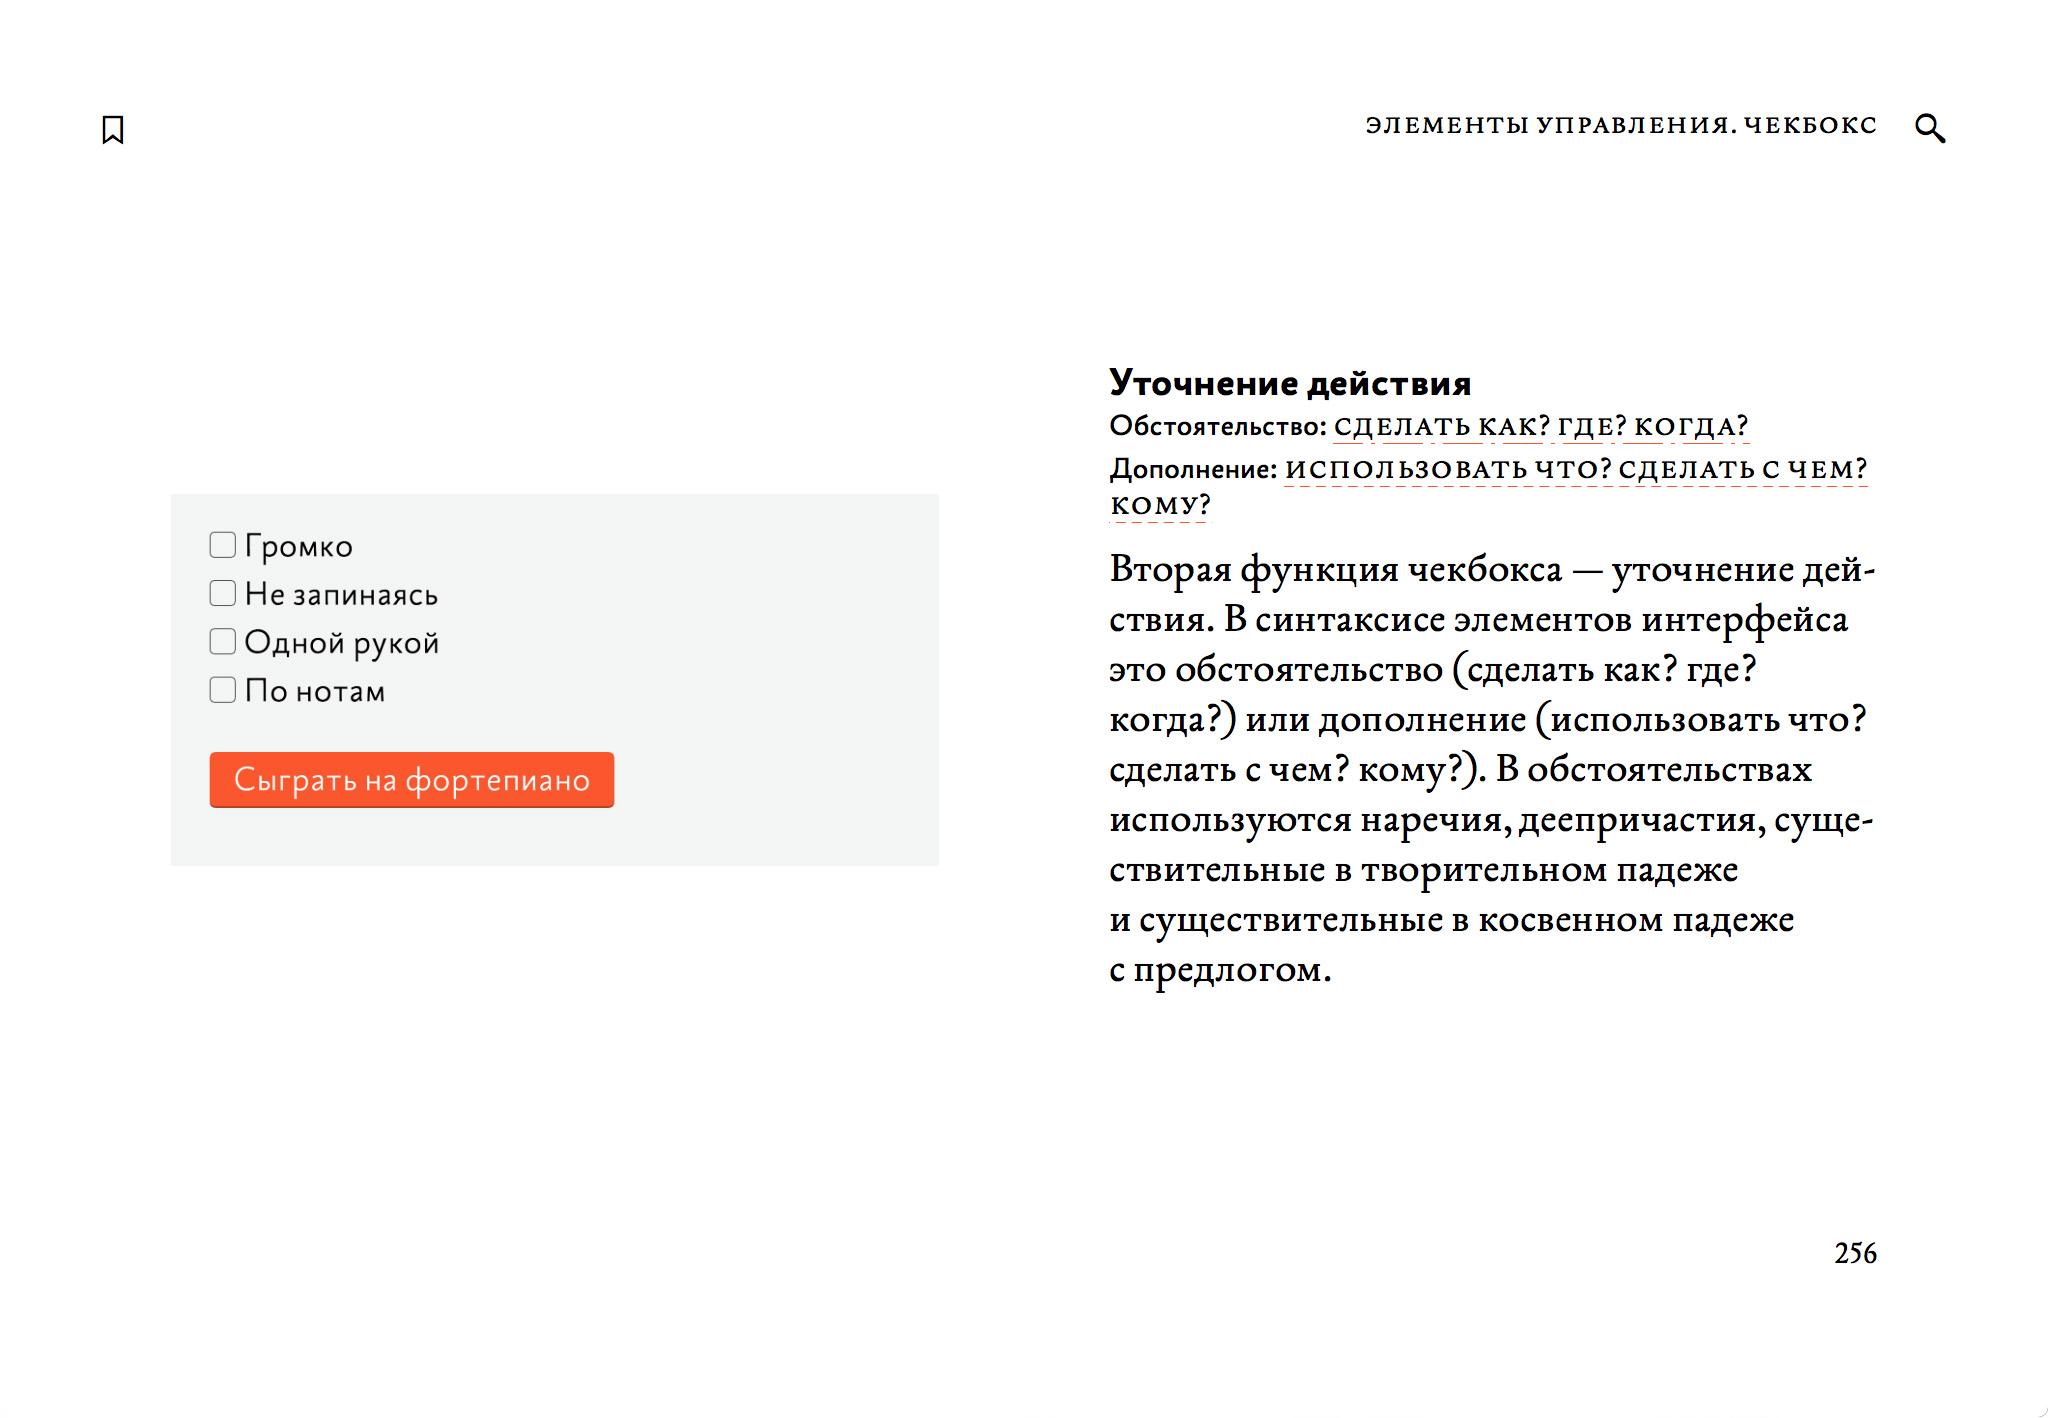 Книга «Пользовательский интерфейс»: часть третьего раздела